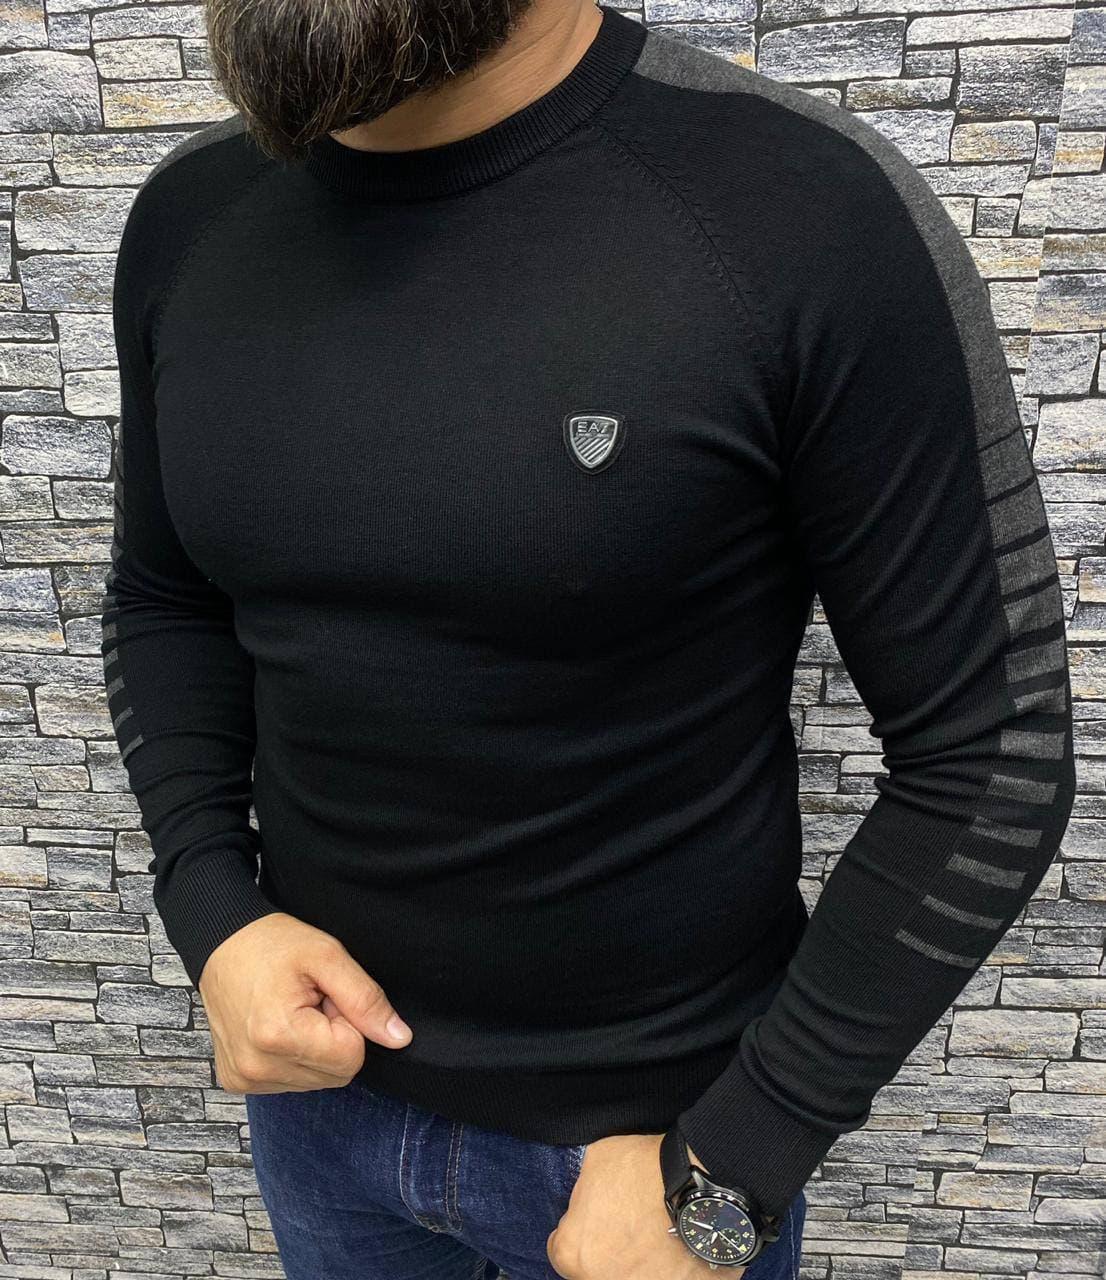 Мужская кофта Emporio Armani P0558 черная